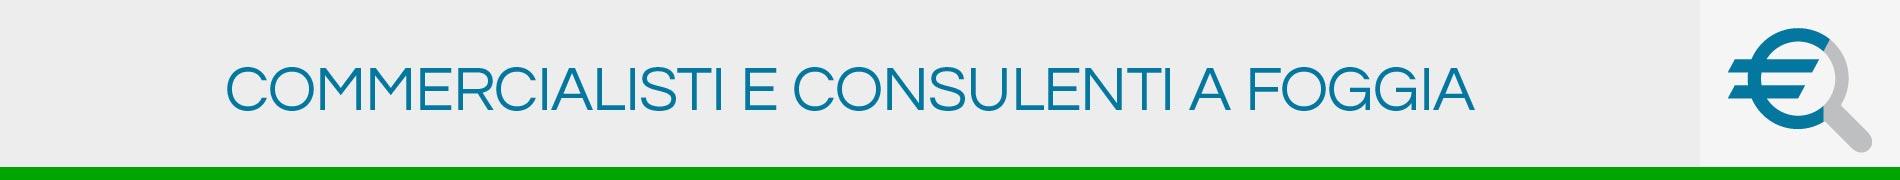 Commercialisti e Consulenti a Foggia